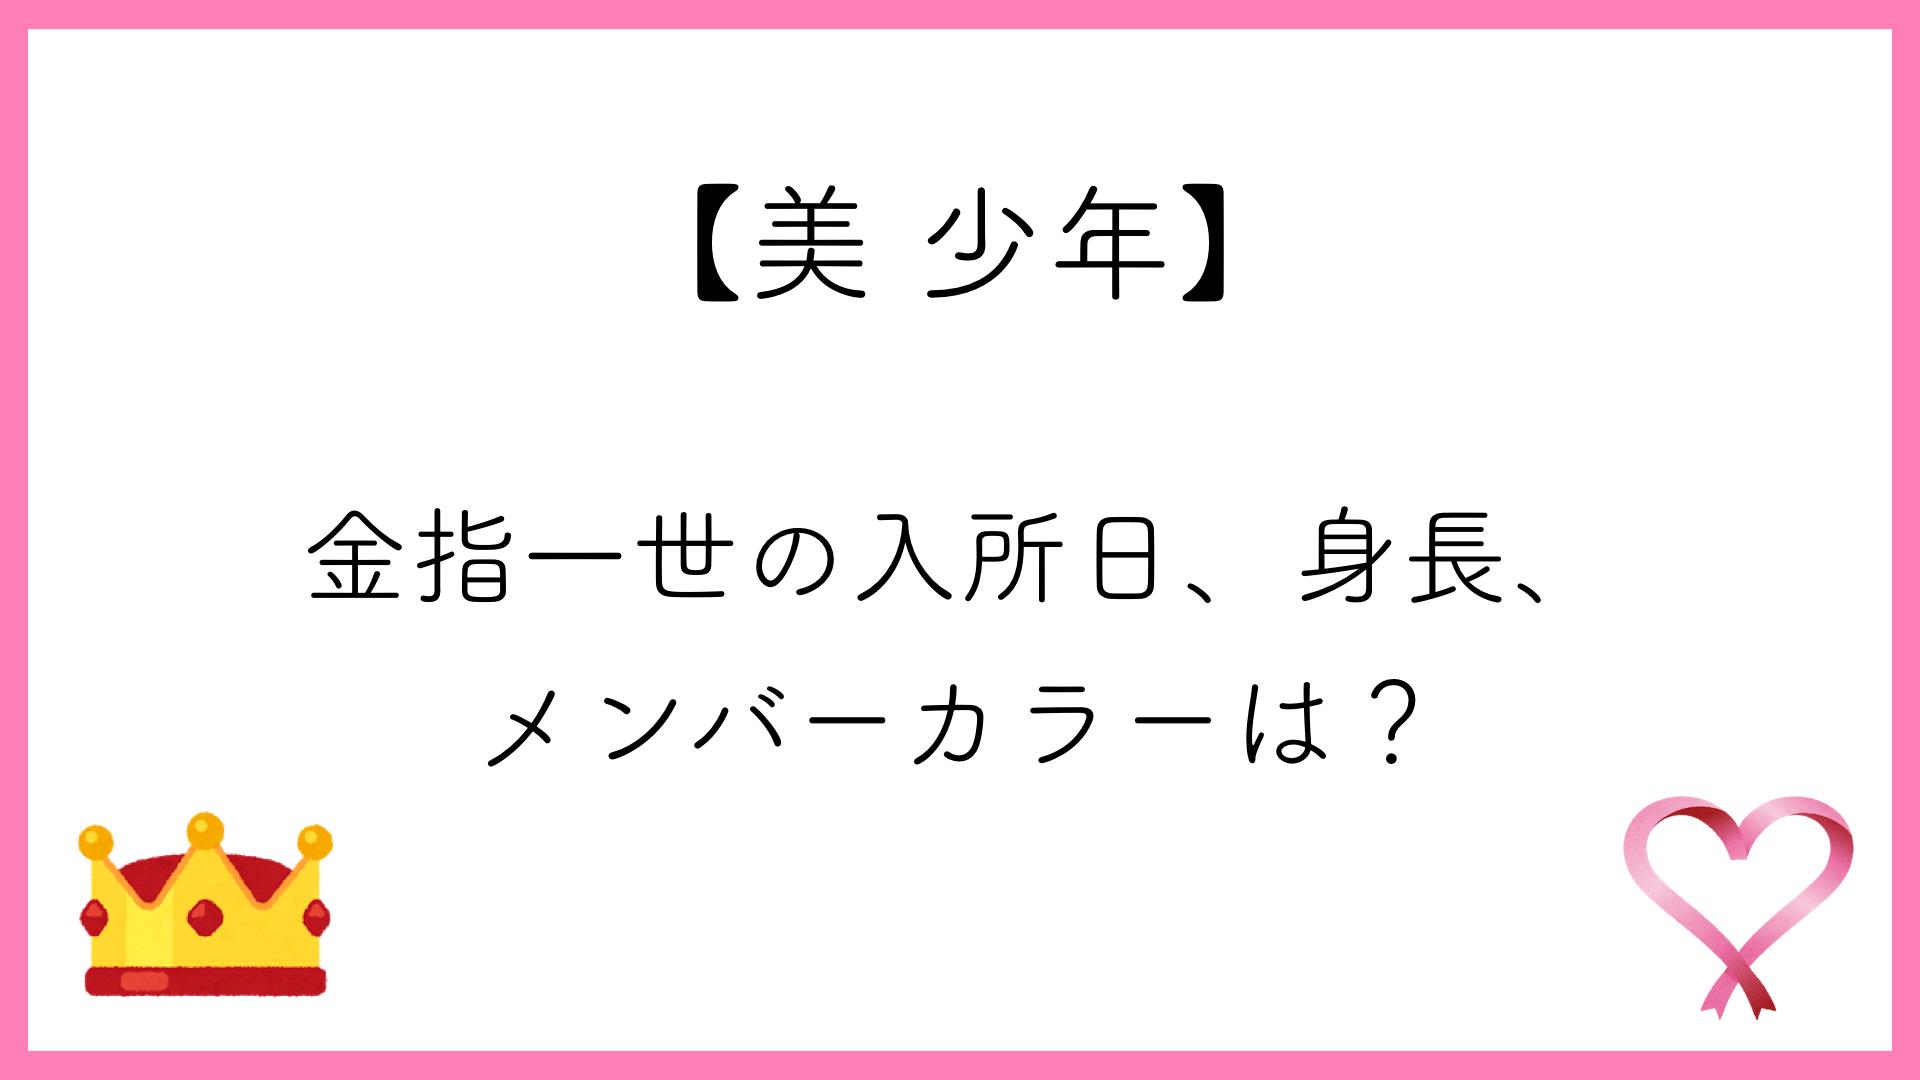 【美 少年】金指一世の入所日、身長、メンバーカラーは?